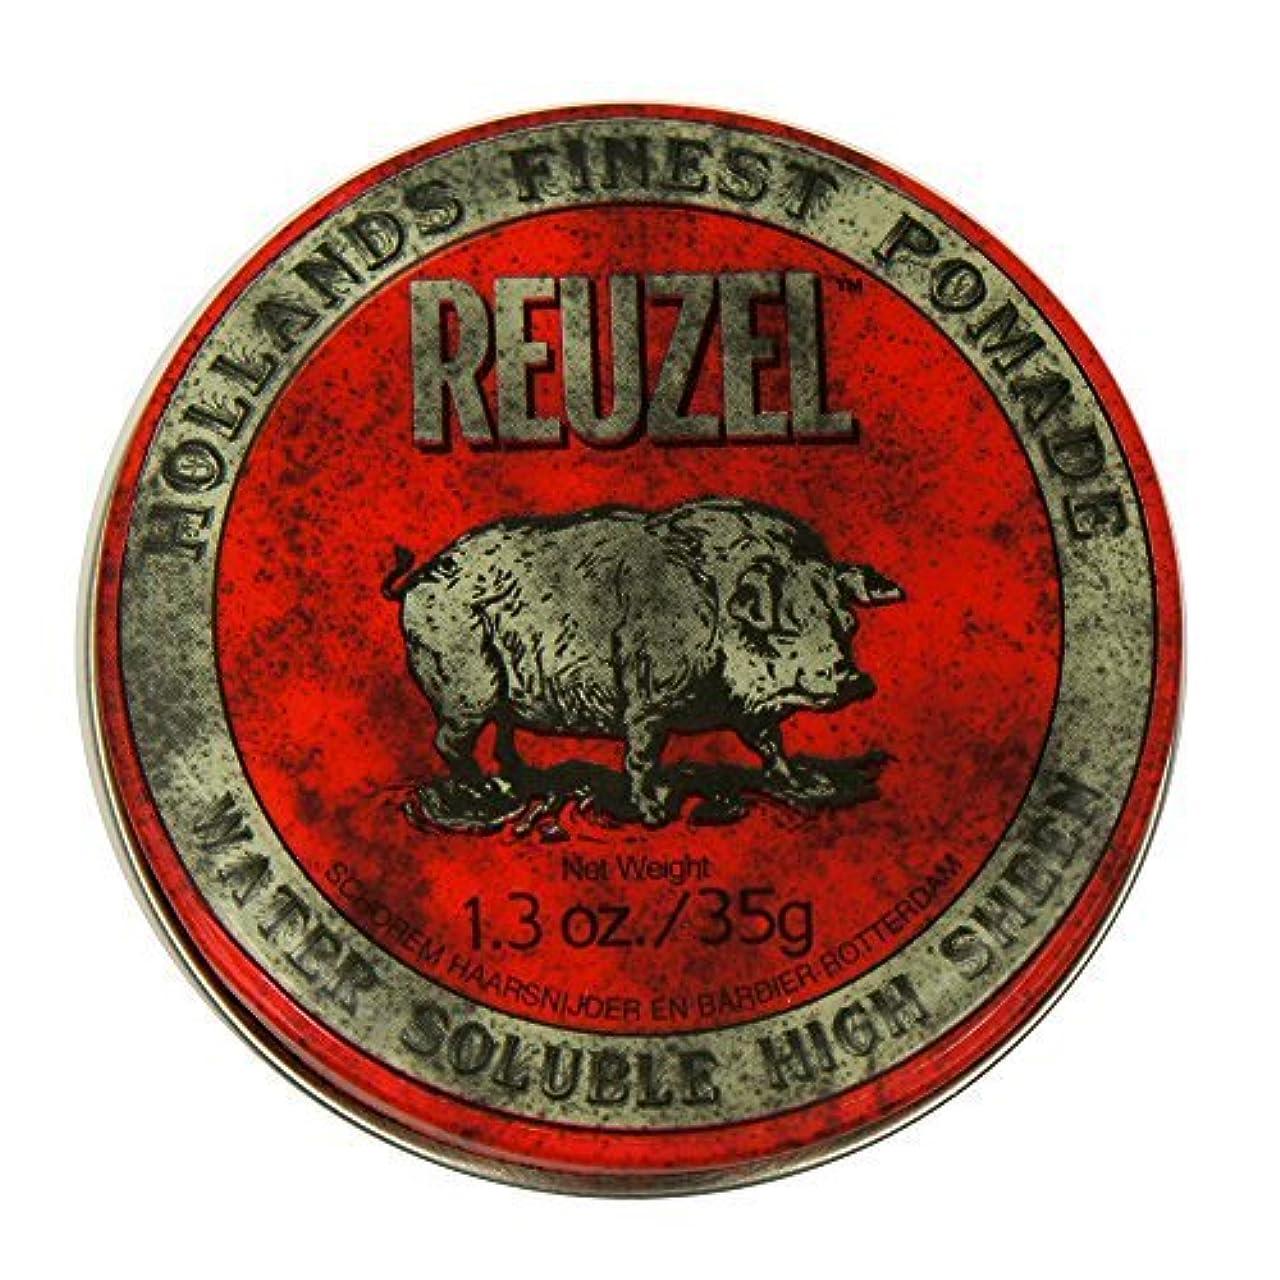 キルス会う文房具Reuzel Red Hair Pomade Piglet 1.3oz [並行輸入品]